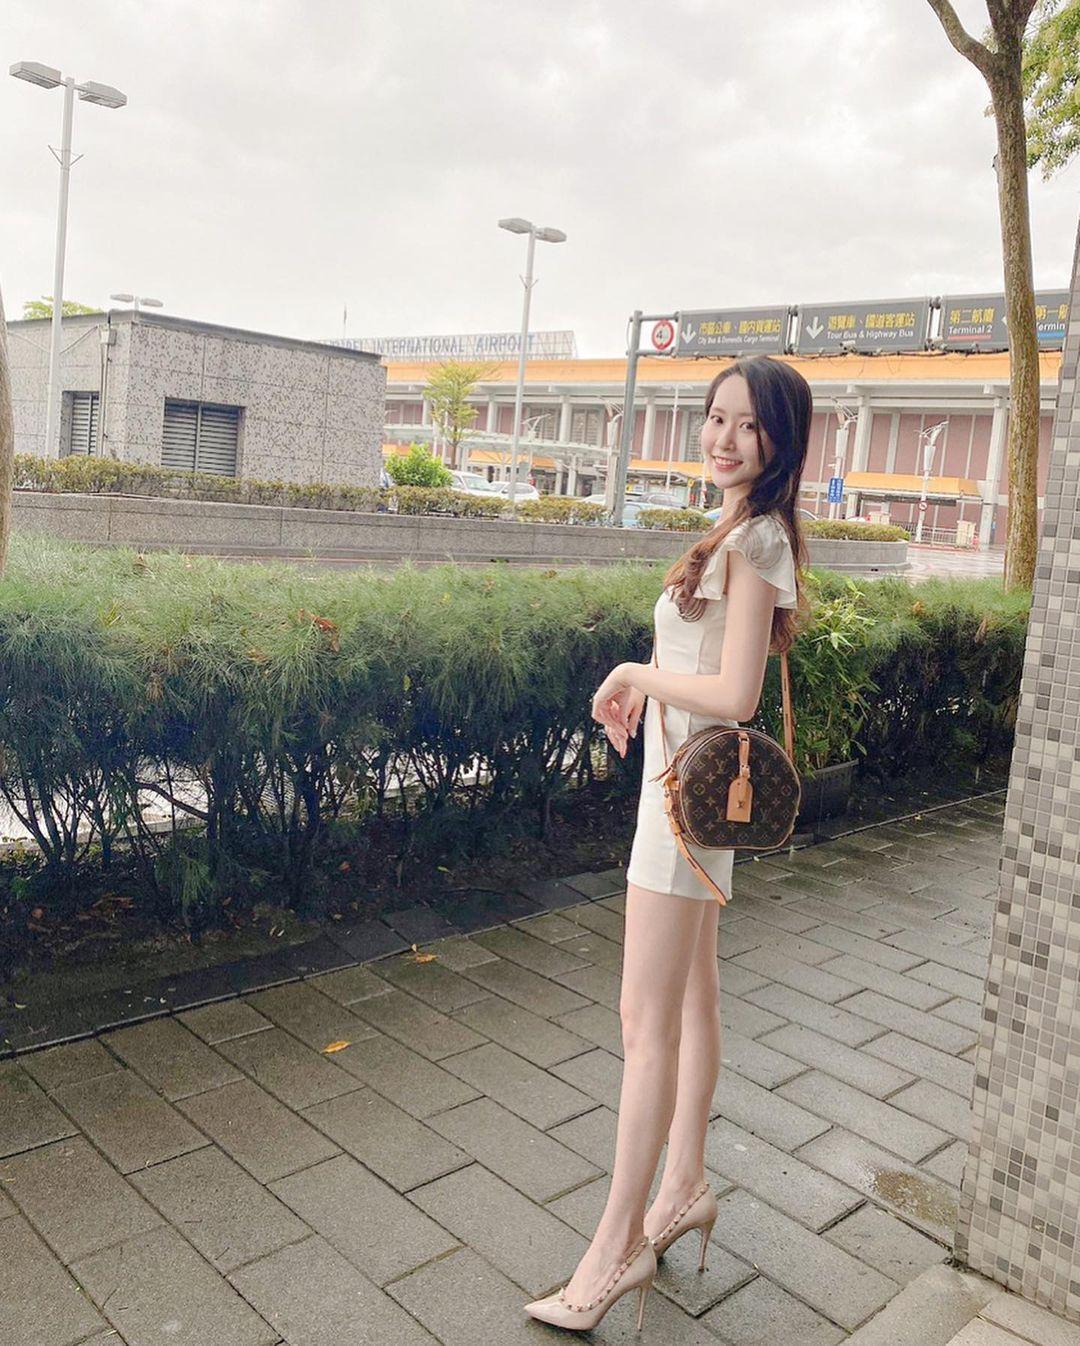 漂亮妹妹Vanessa超短热裤露出逆天长腿超性感 养眼图片 第3张